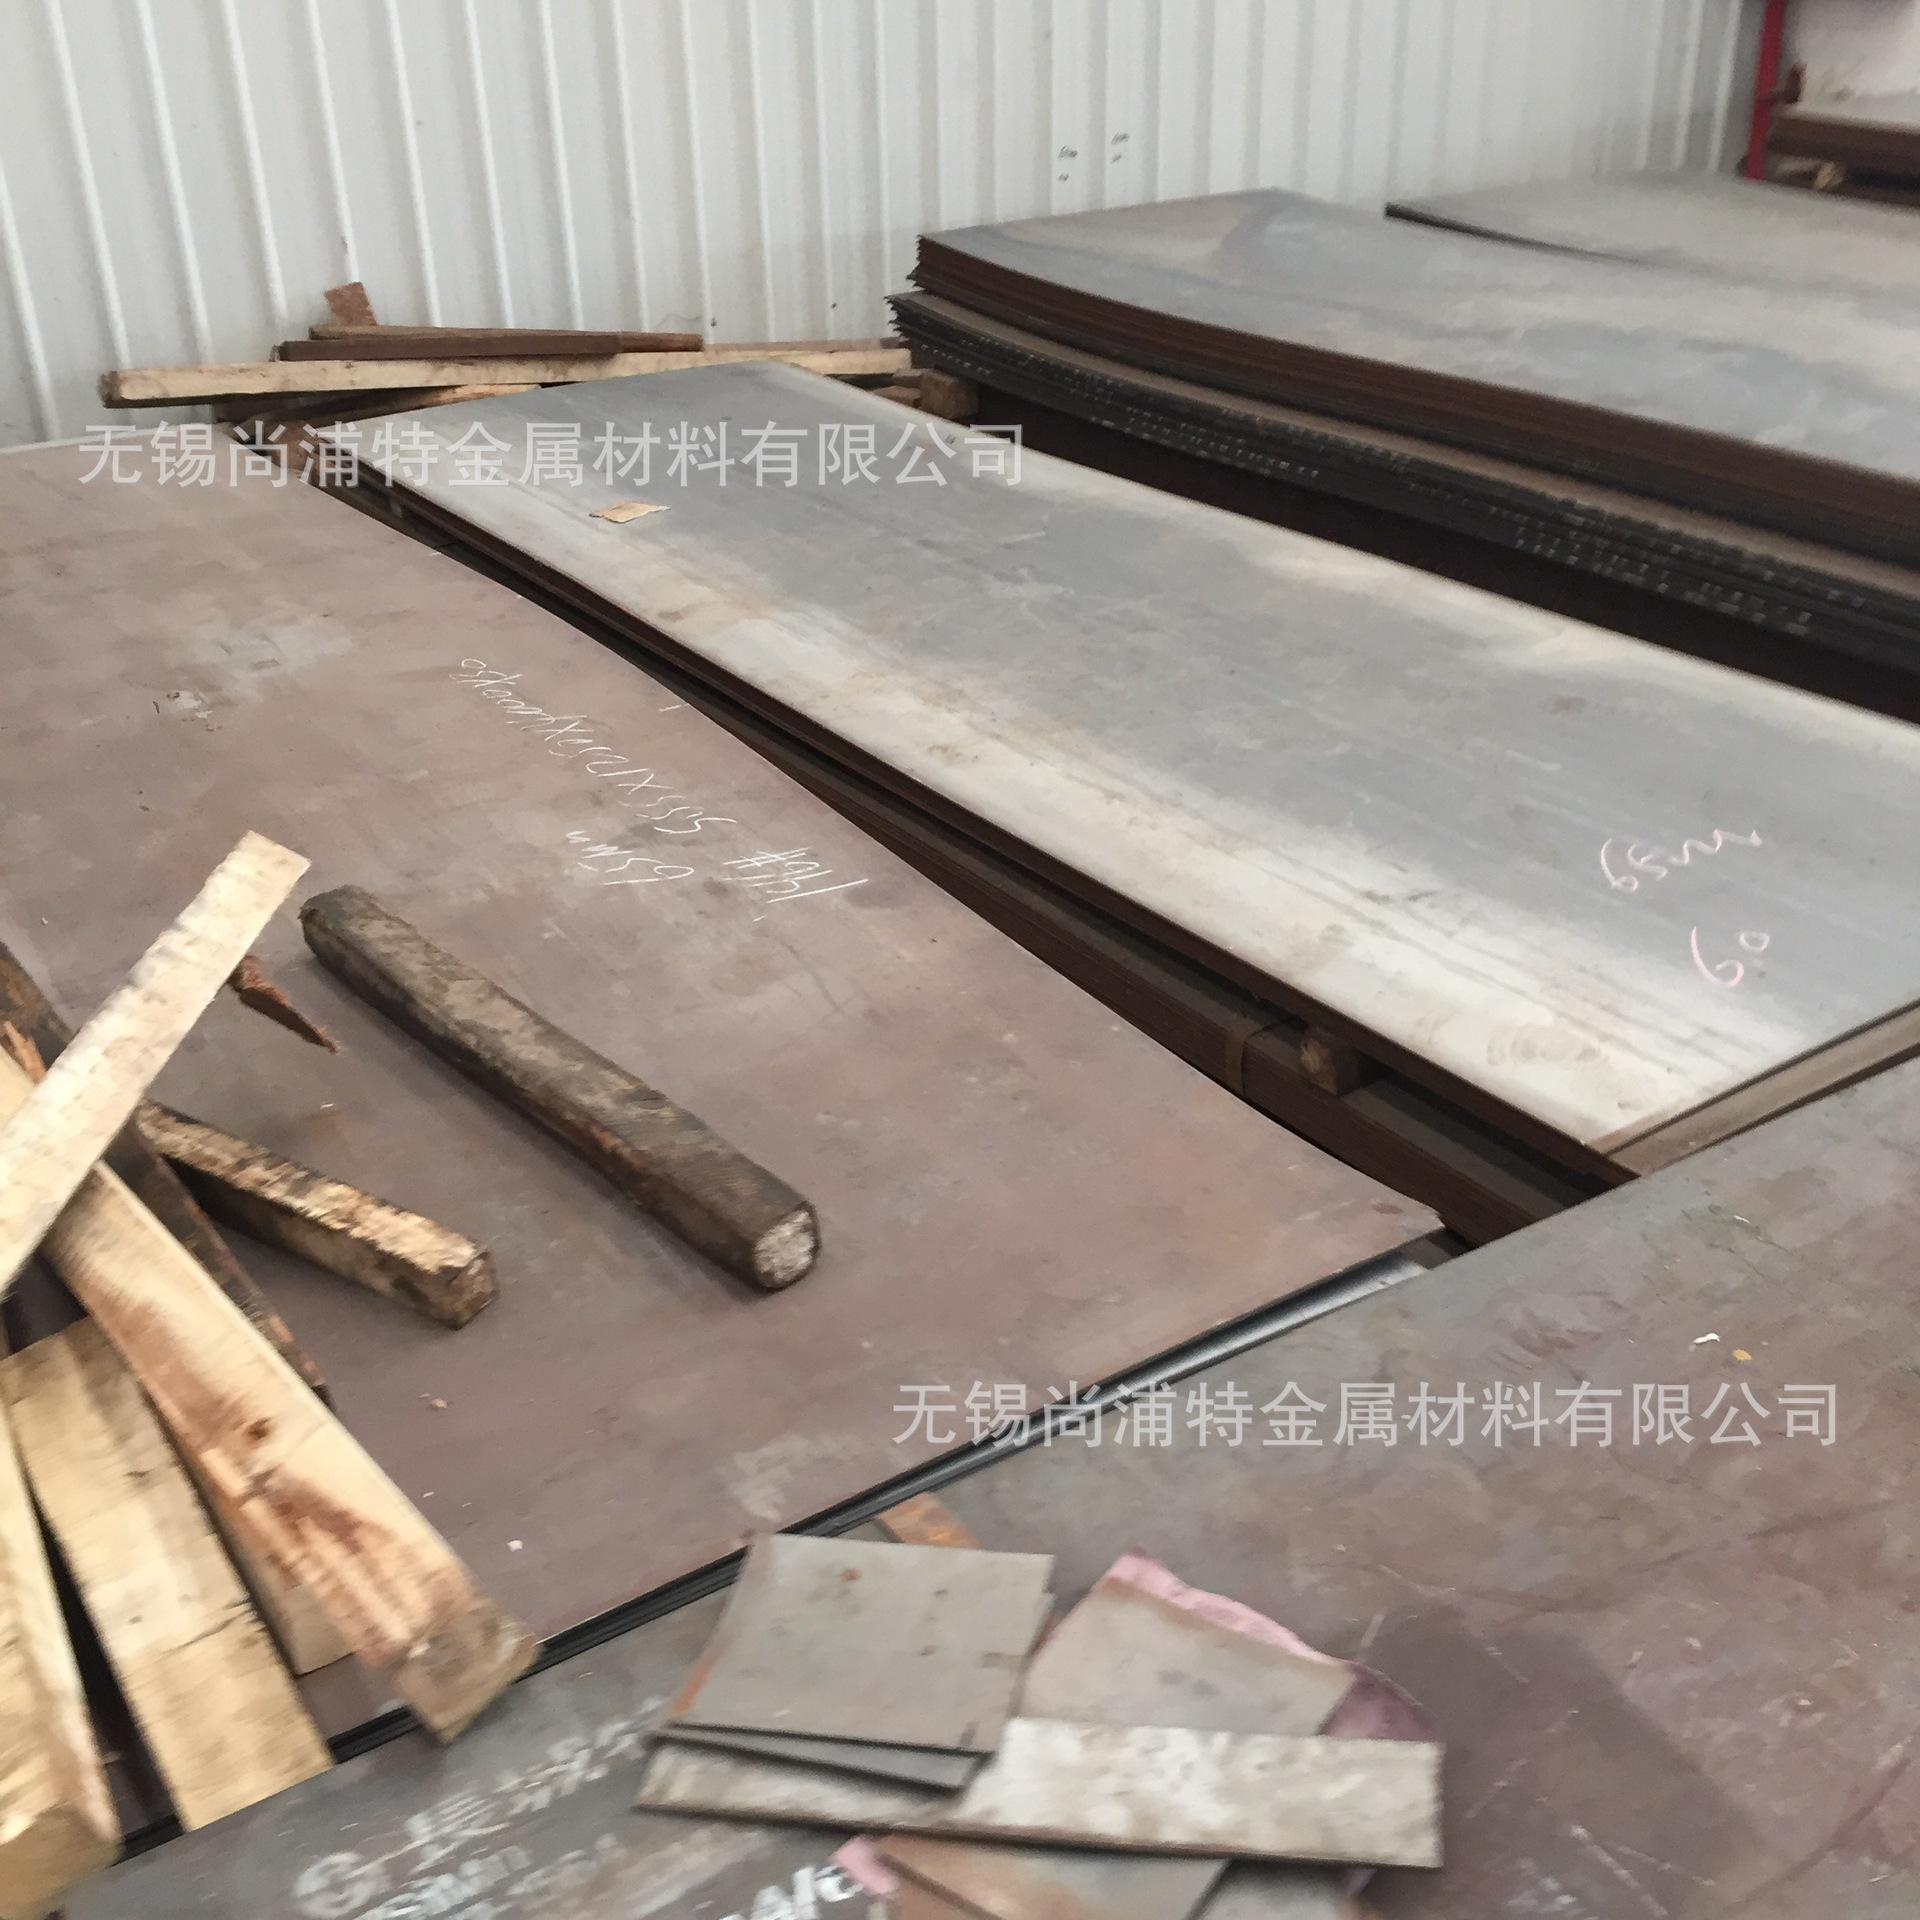 合金高性能优质厂家42crmo钢板大量现货|42crmo钢板价格优惠